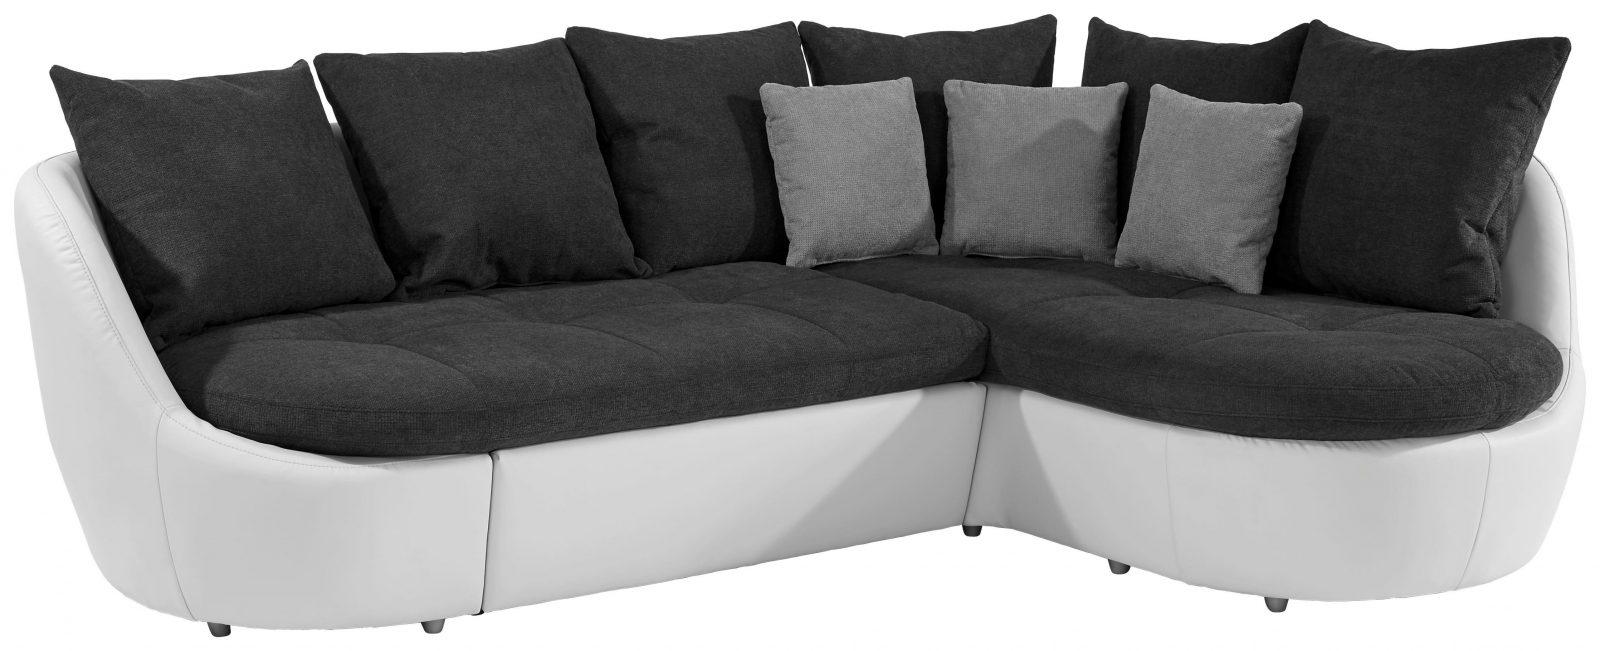 Polstermöbel Mit Schlaffunktion Online Kaufen von Ecksofa Mit Schlaffunktion Gebraucht Bild